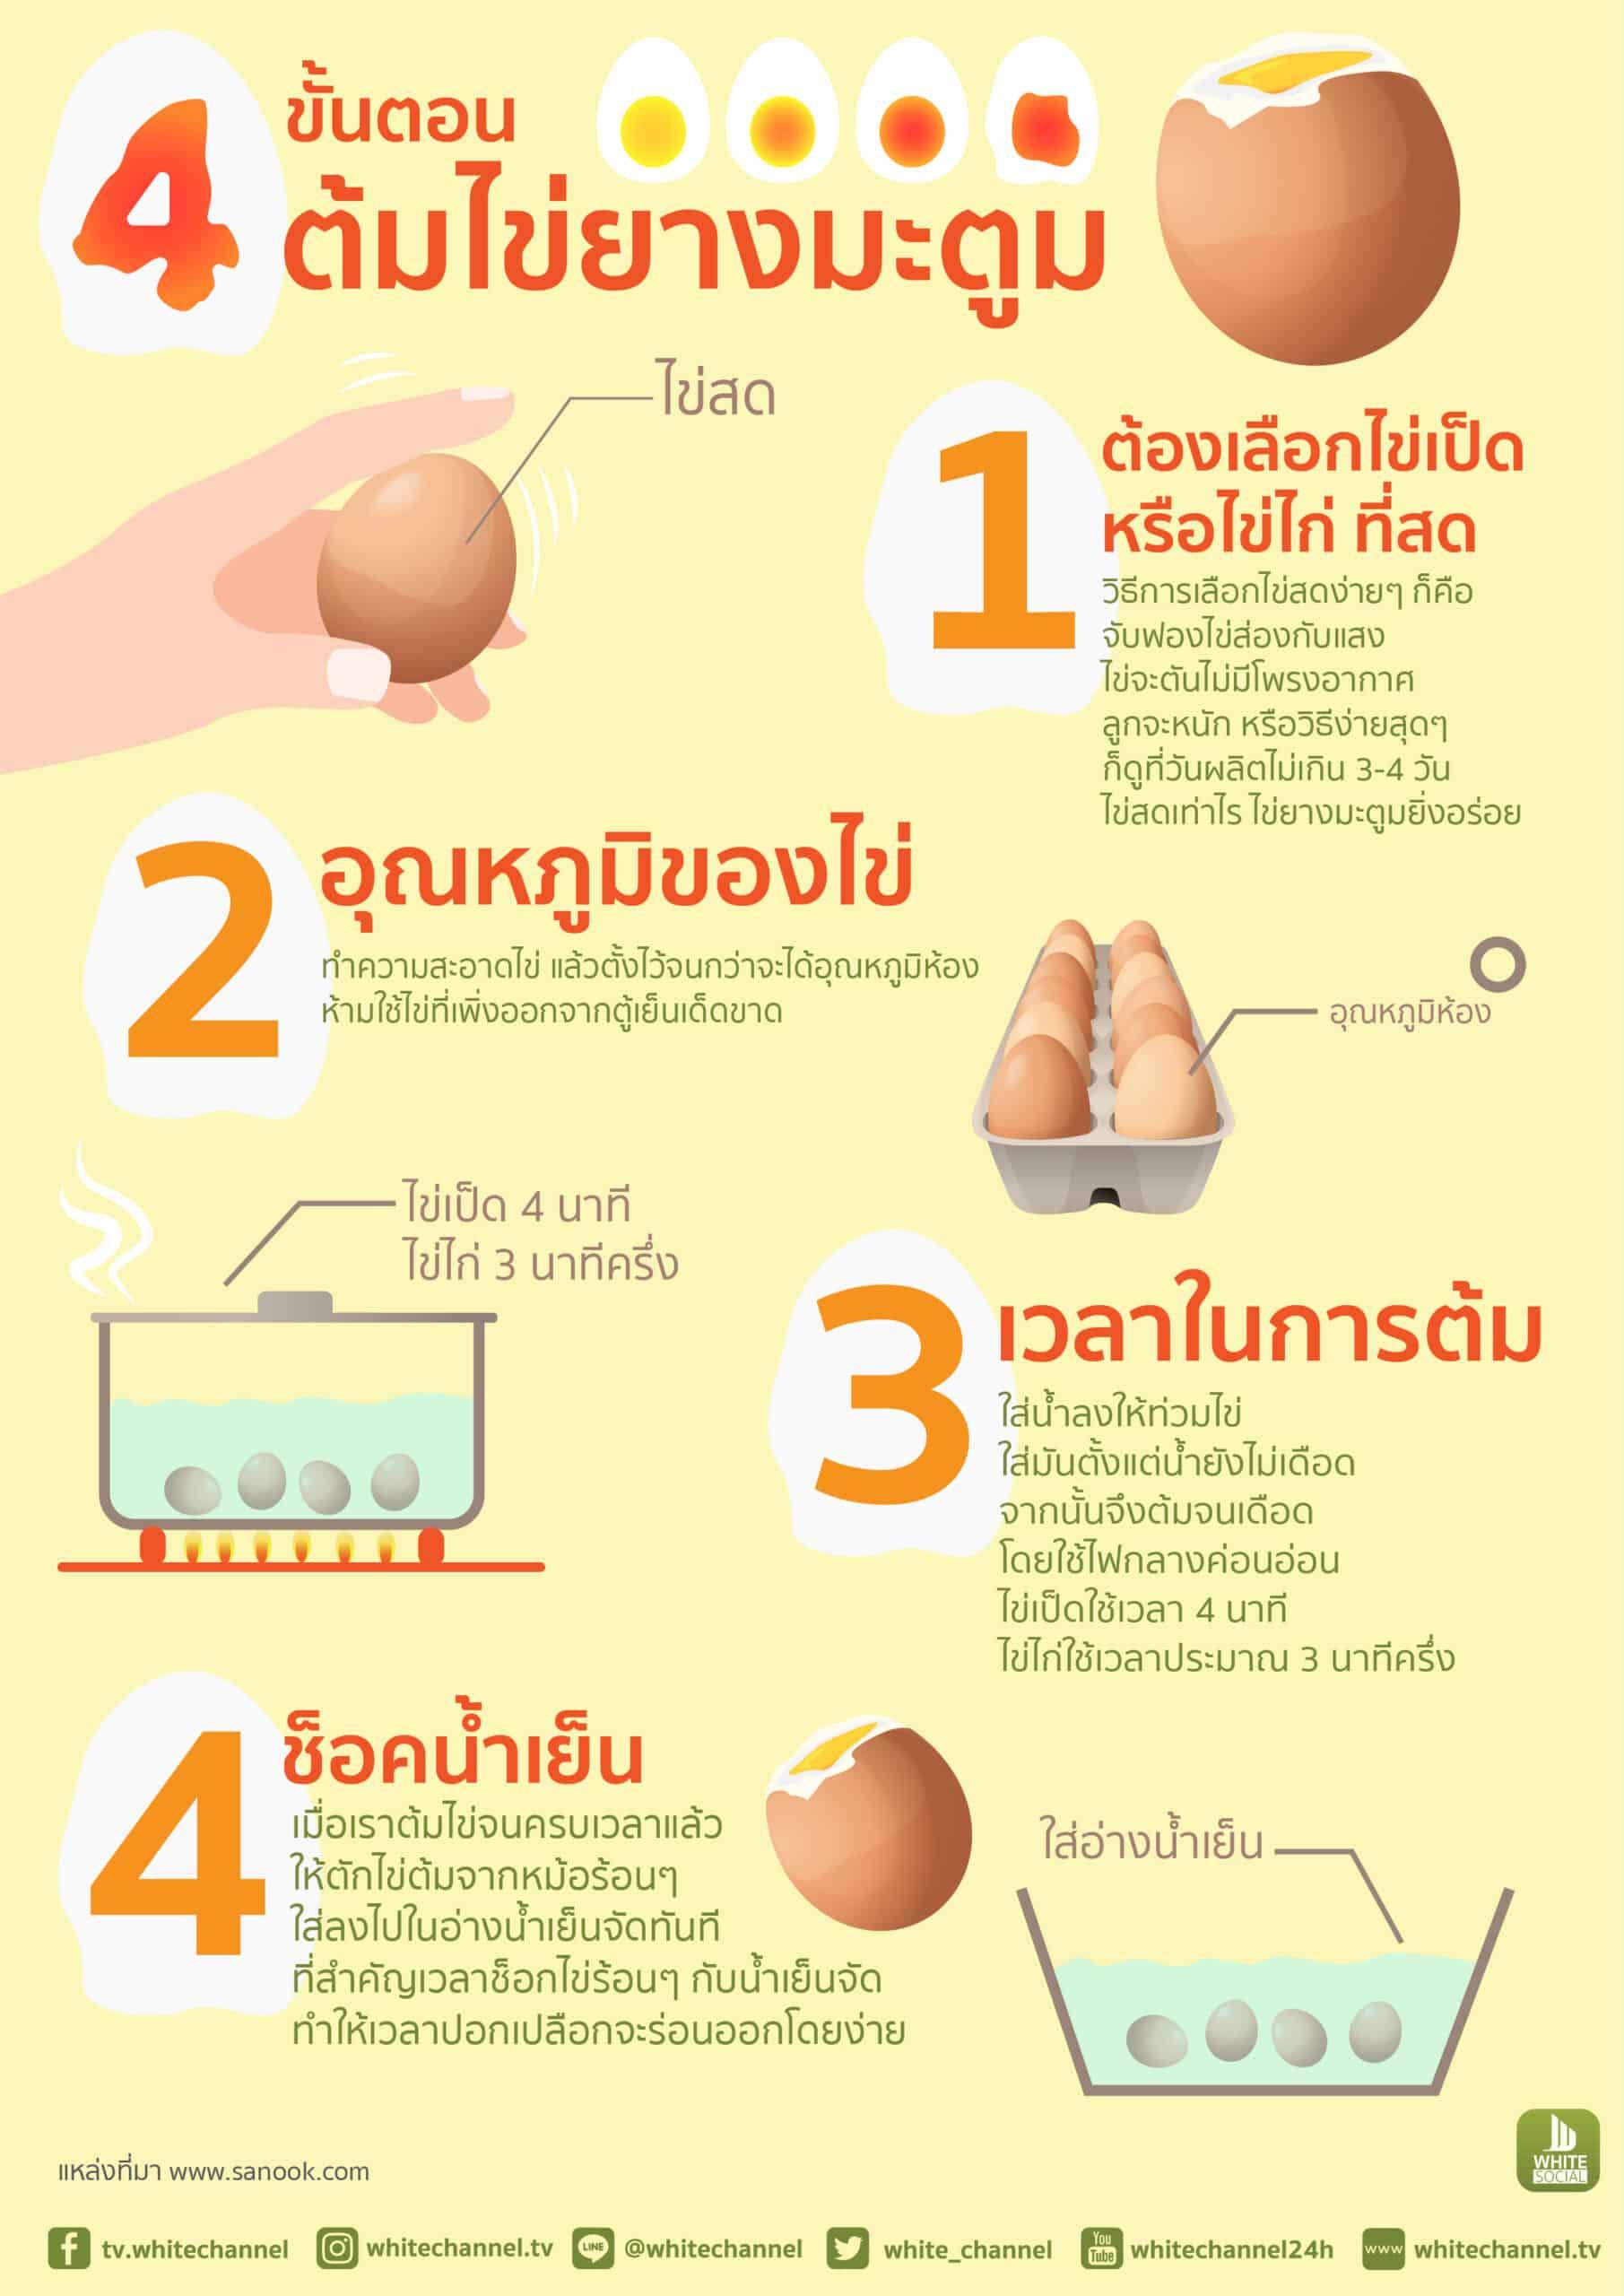 4 ขั้นตอนต้มไข่ยางมะตูม